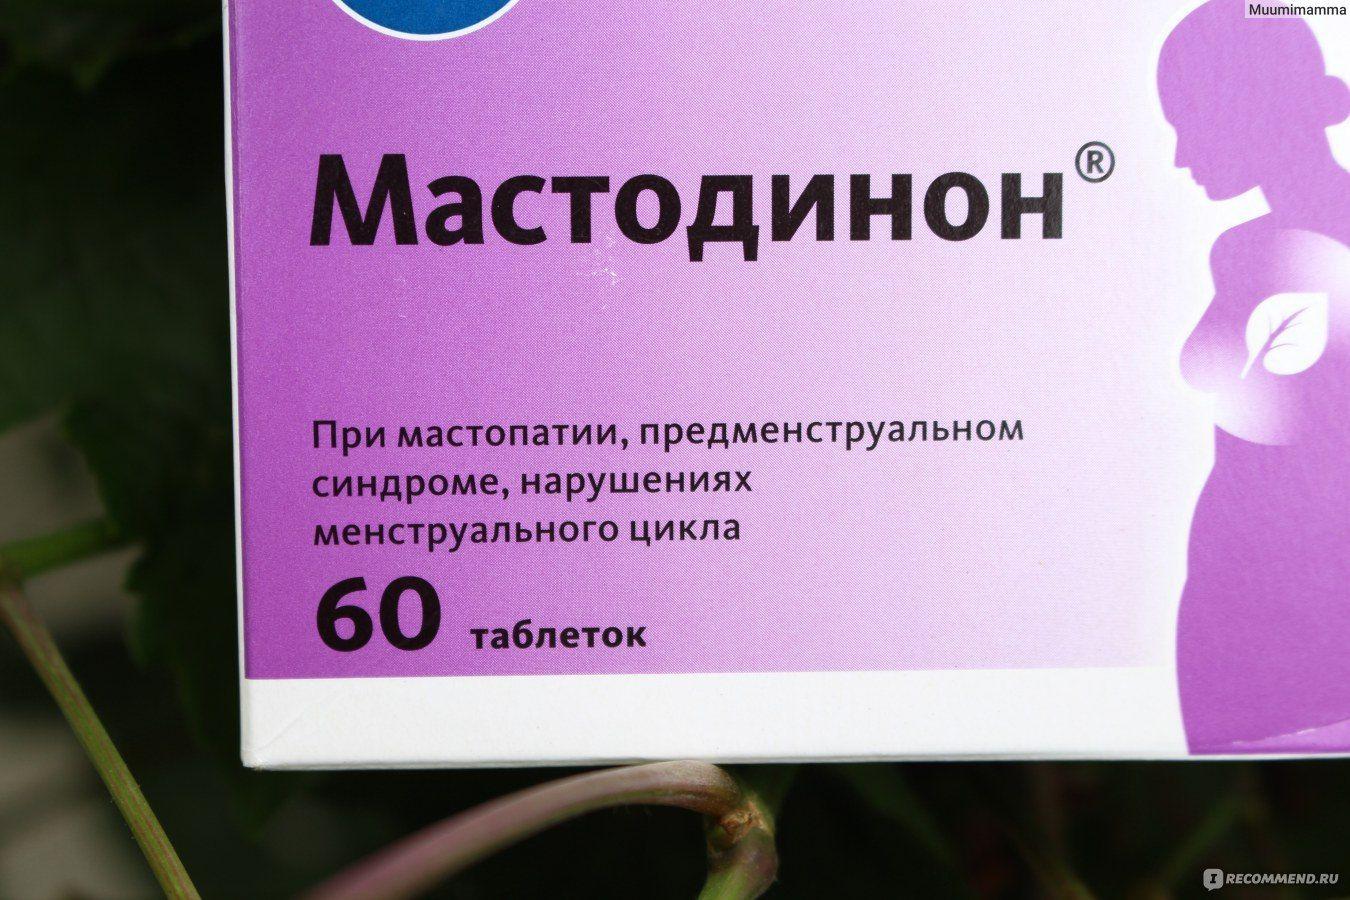 мастодинон при мастопатиии